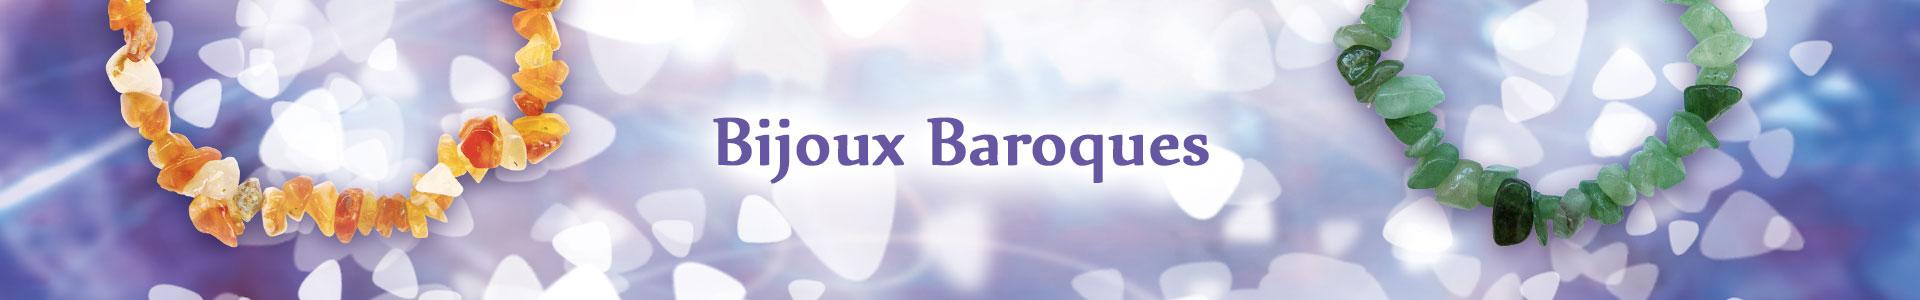 Bijoux baroques